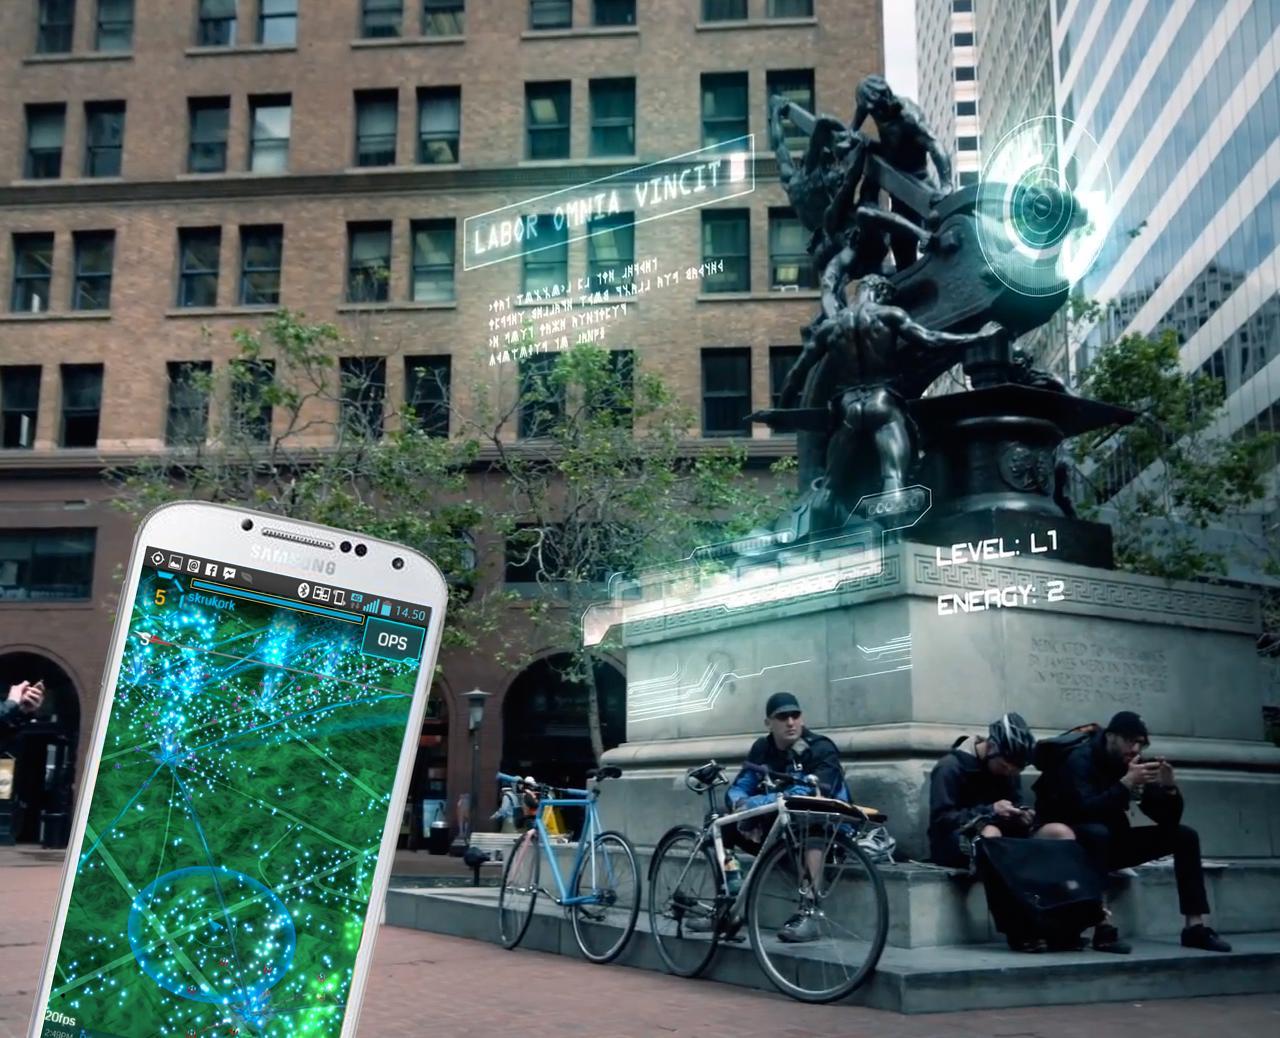 Med spillet Ingress skal du ta kontroll over virtuelle portaler som befinner seg på fysiske steder, og linke dem sammen for å kontrollere landområder.Foto: Google / Niantic Labs